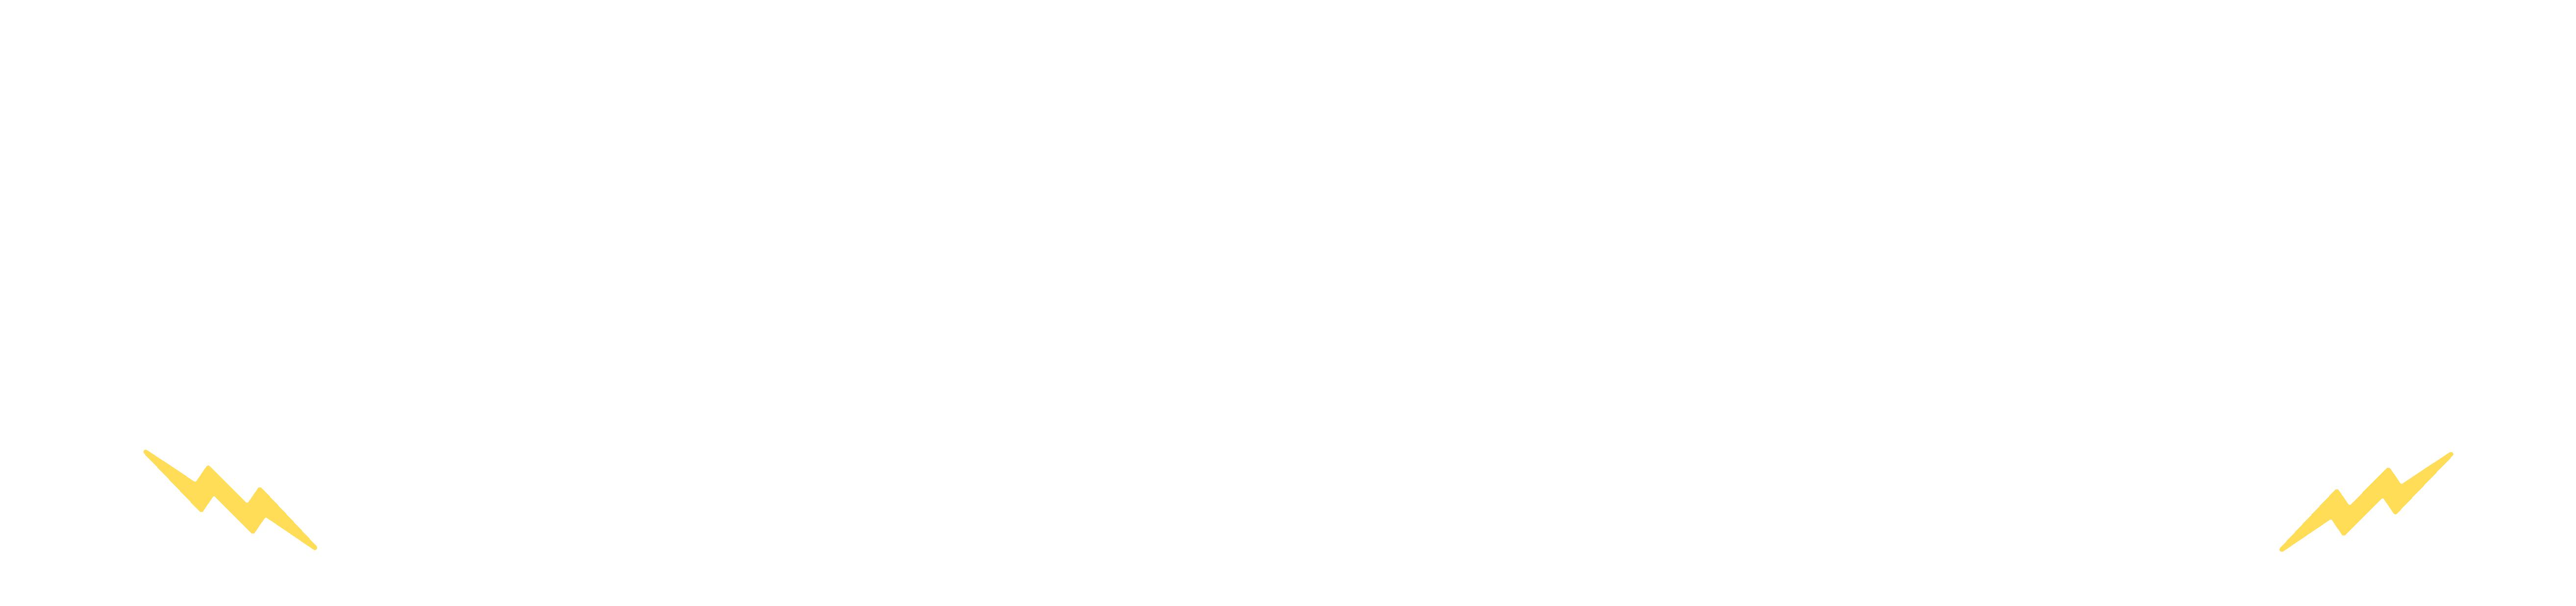 Chris Martin Studios